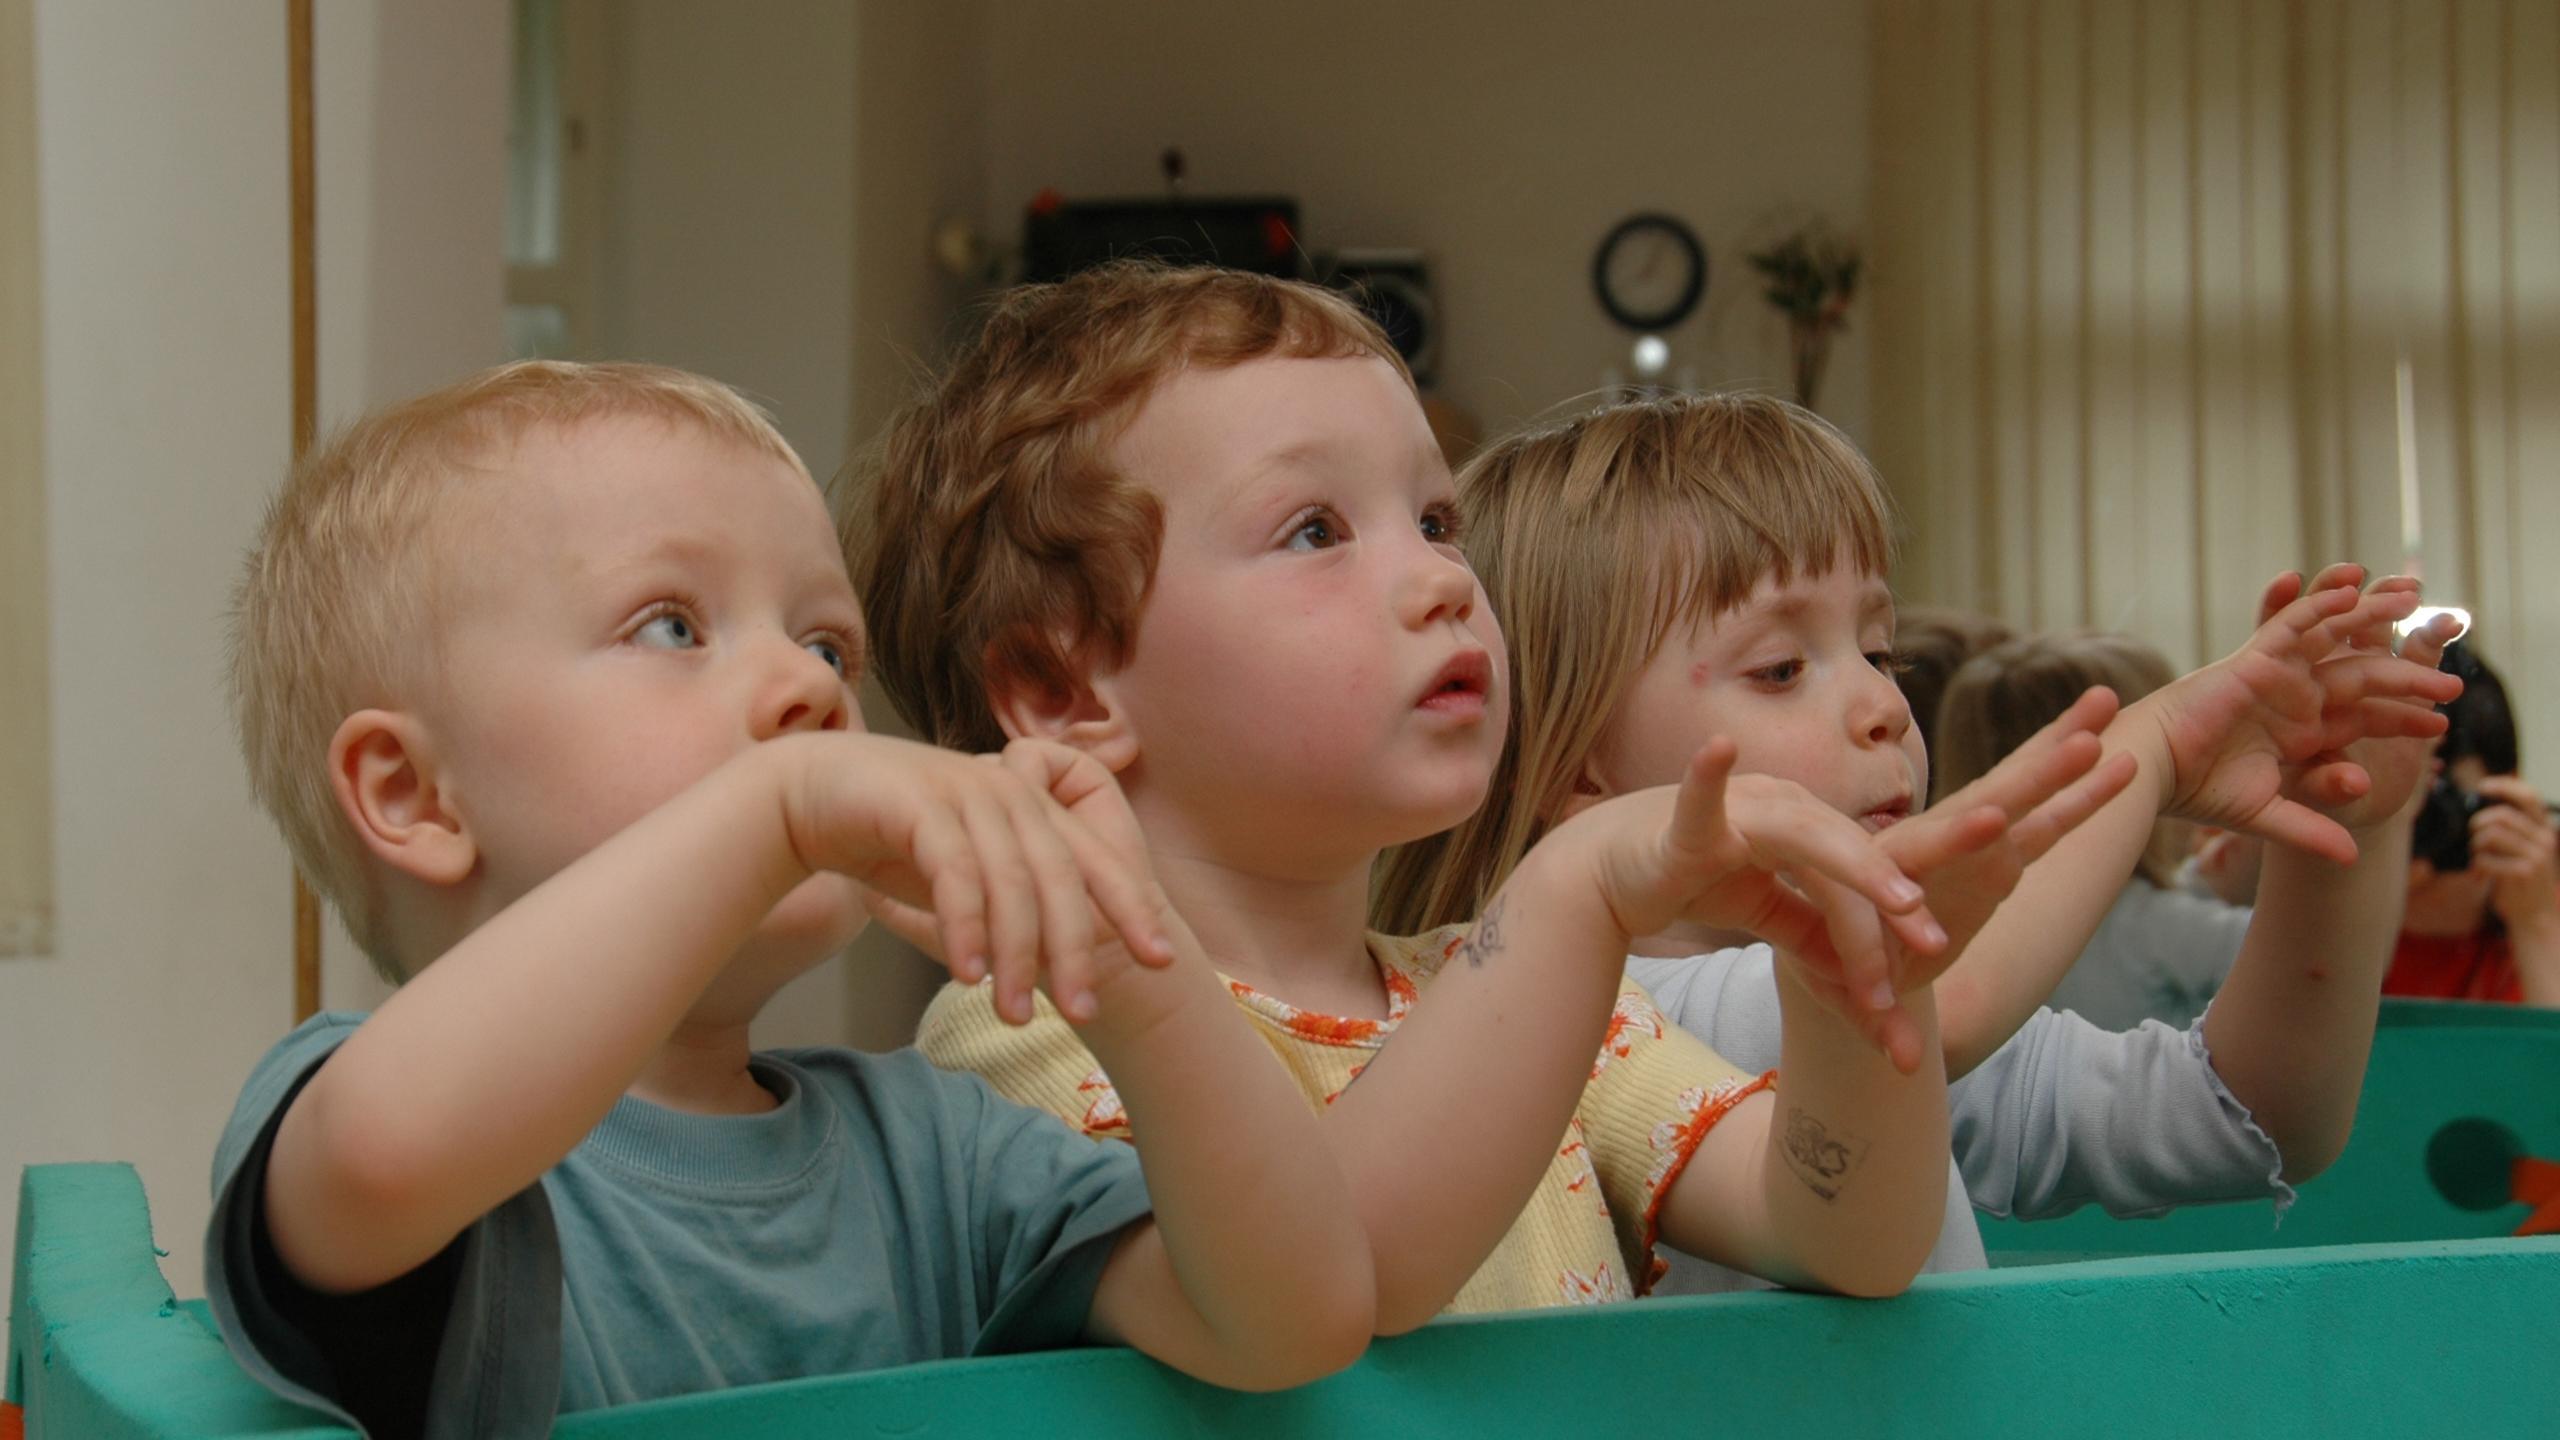 Модель показала, как младенцы воспринимают язык